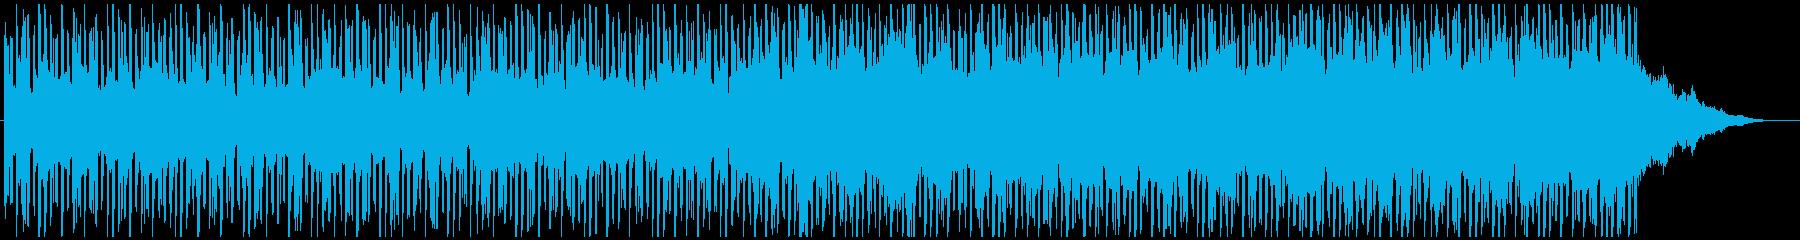 ゆったりとしたムードでポップ/ロッ...の再生済みの波形